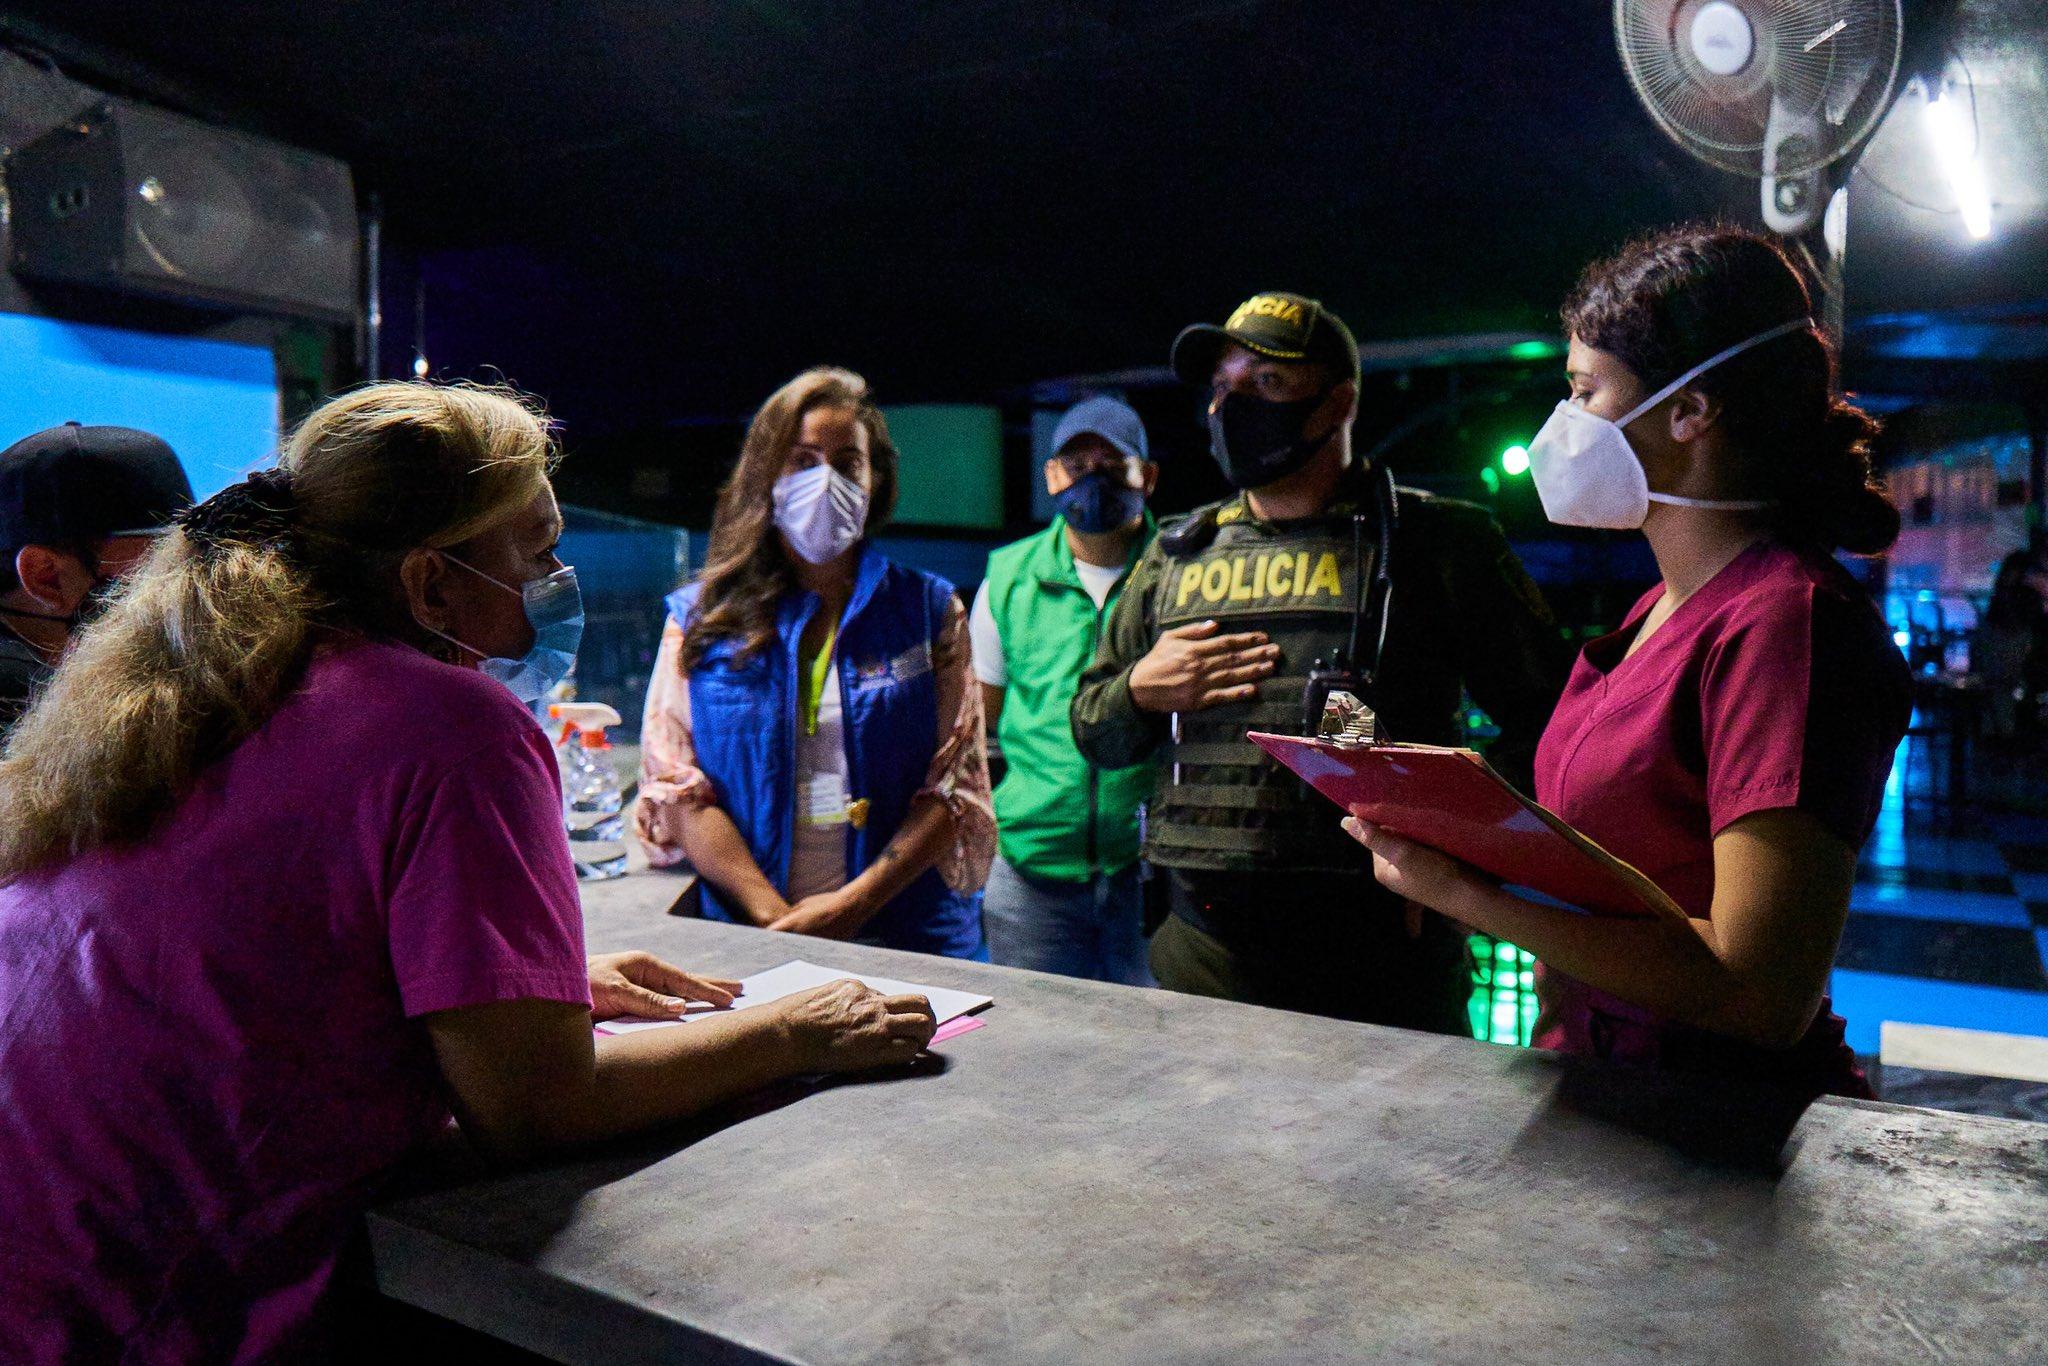 Dos bares y una tienda que incumplieron normas fueron sellados en Bucaramanga | Bucaramanga | Metro | EL FRENTE